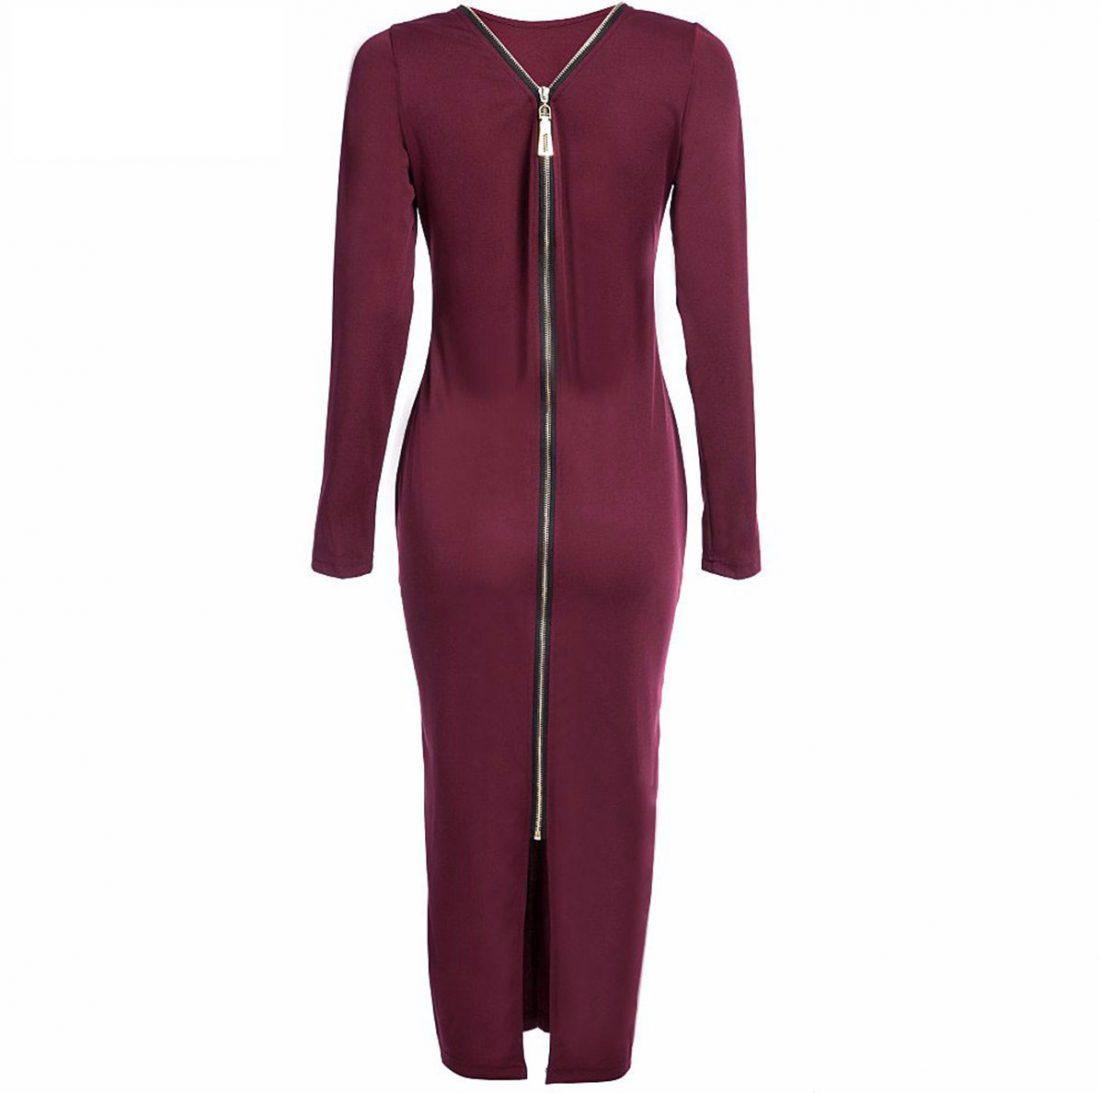 M0185 red3 Bodycon Dresses maureens.com boutique